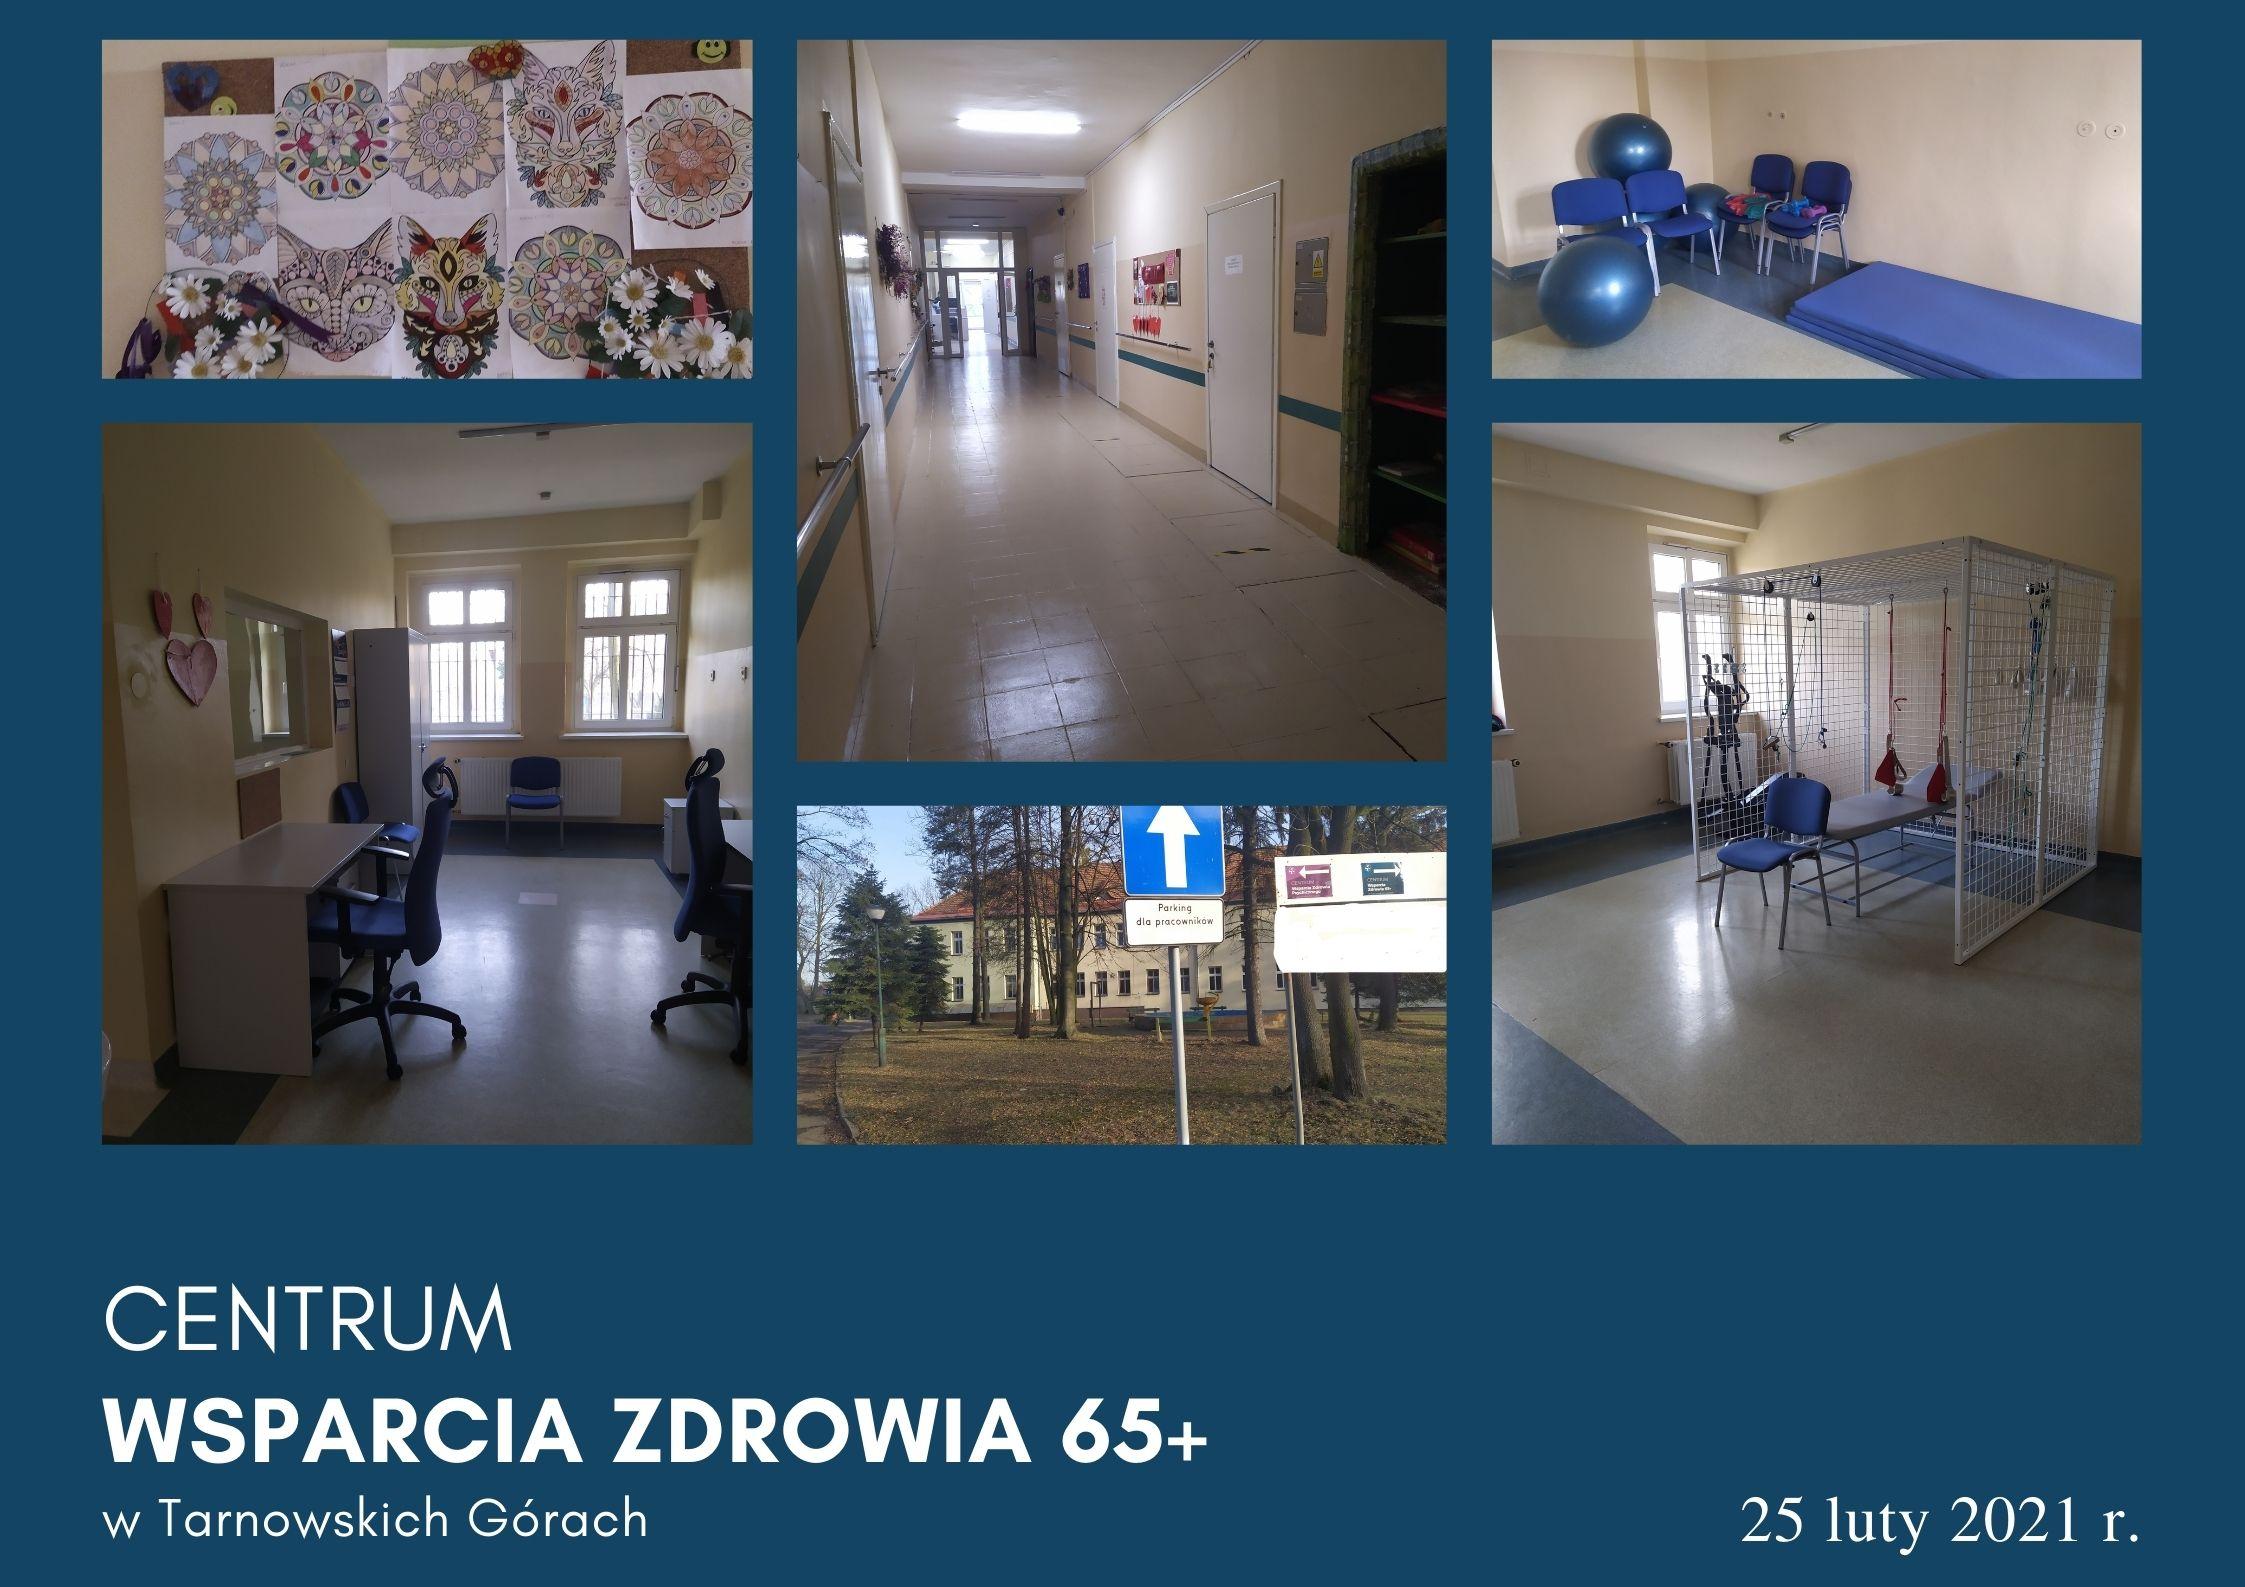 Centrum Wsparcia Zdrowia 65+